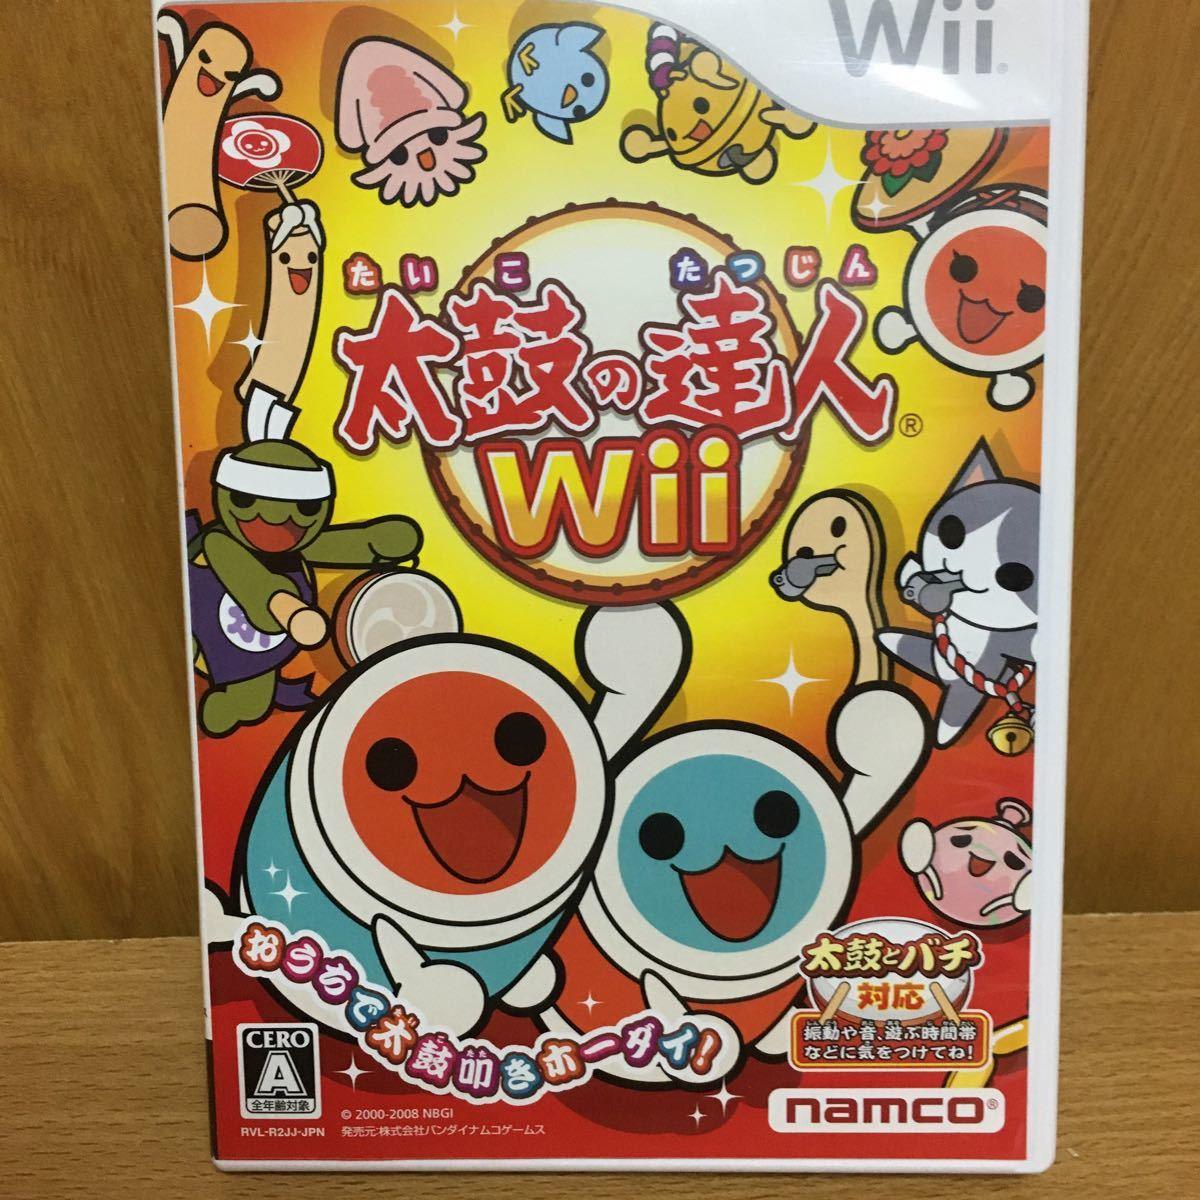 太鼓の達人 Wii 太鼓 バチ ソフトセット